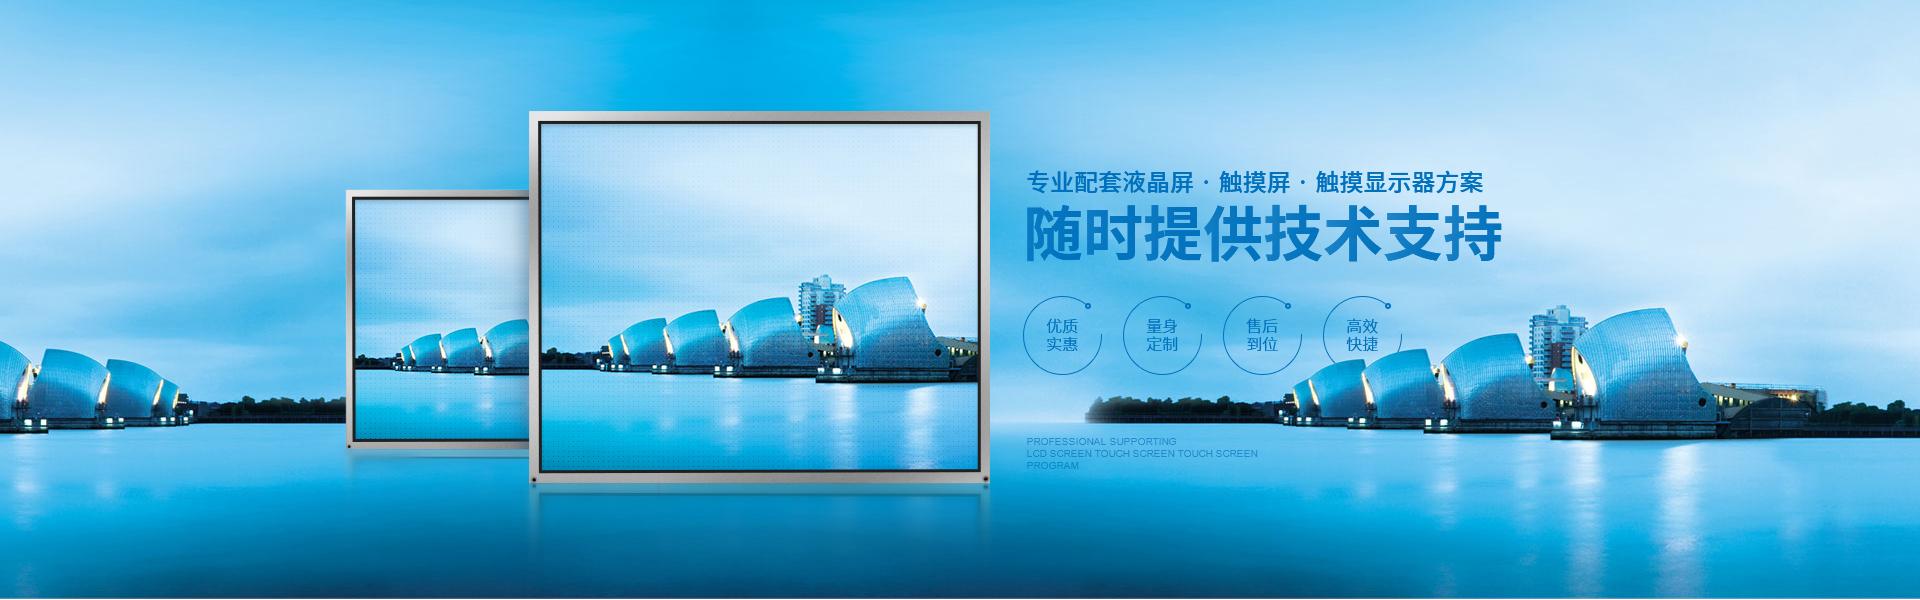 友达 · 奇美 · 京东方中小液晶屏供应商,触摸显示器生产商